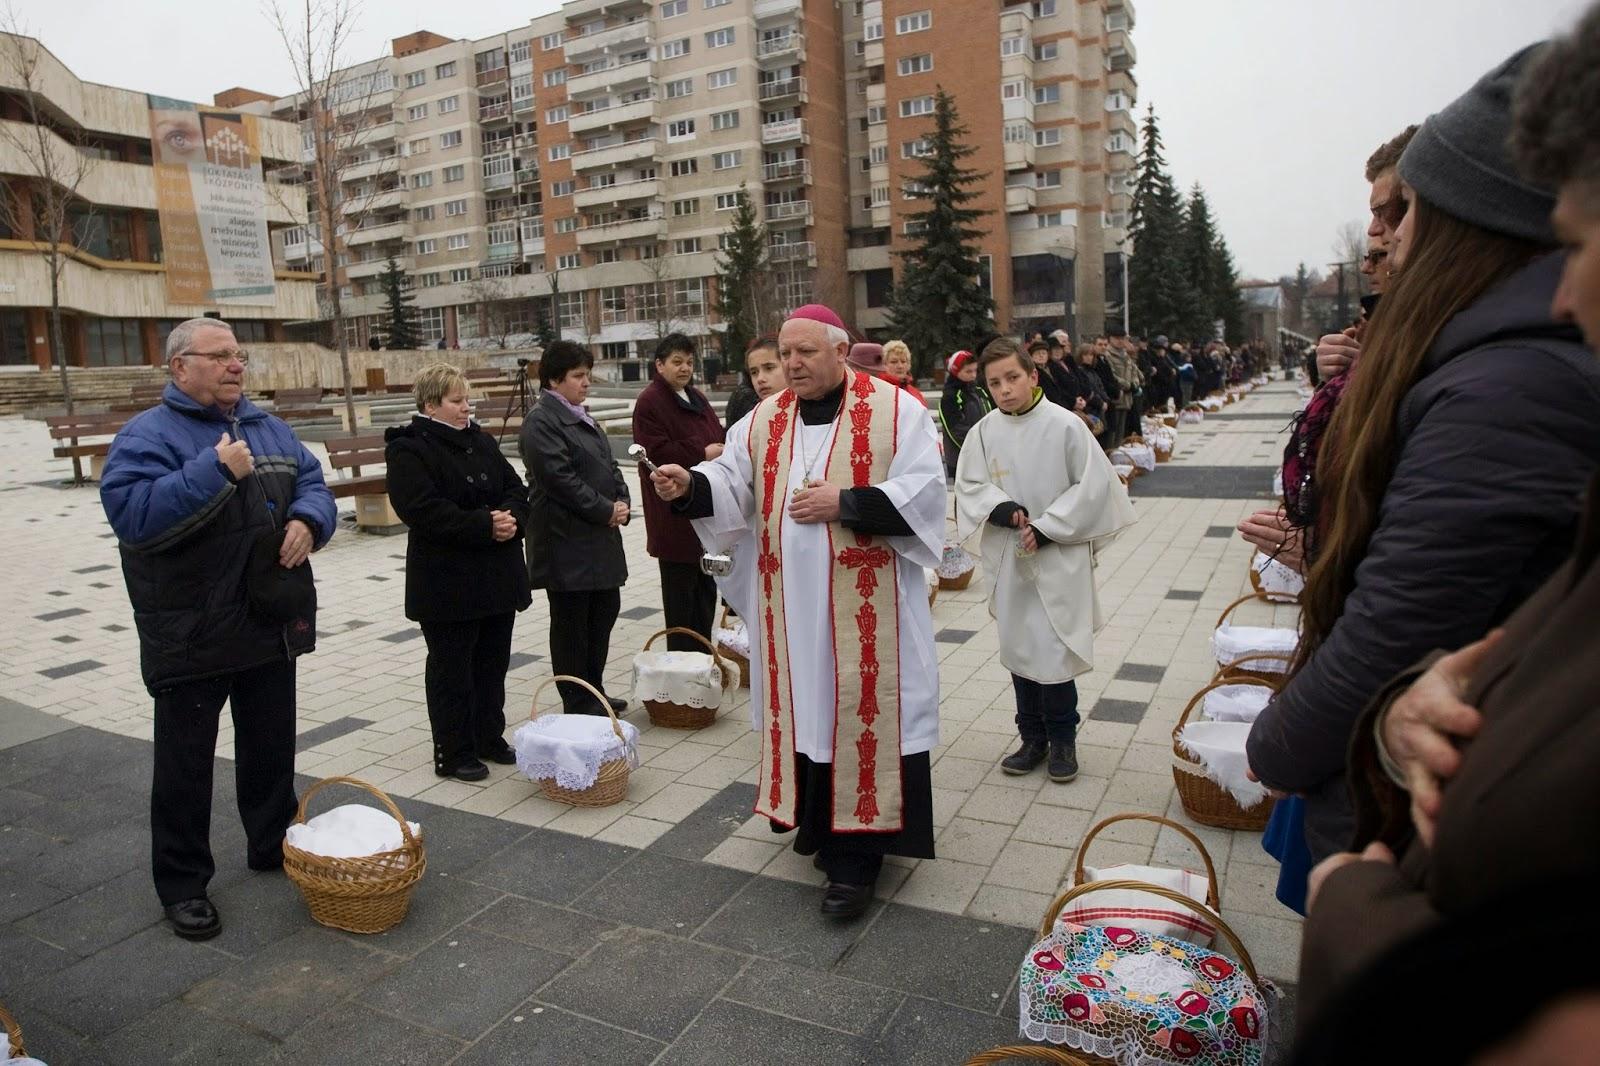 húsvét, ételszentelés, Csíkszereda, Székelyföld, kereszténység, hagyományok, ételszentelés Csíkszereda, ételszentelés 2015